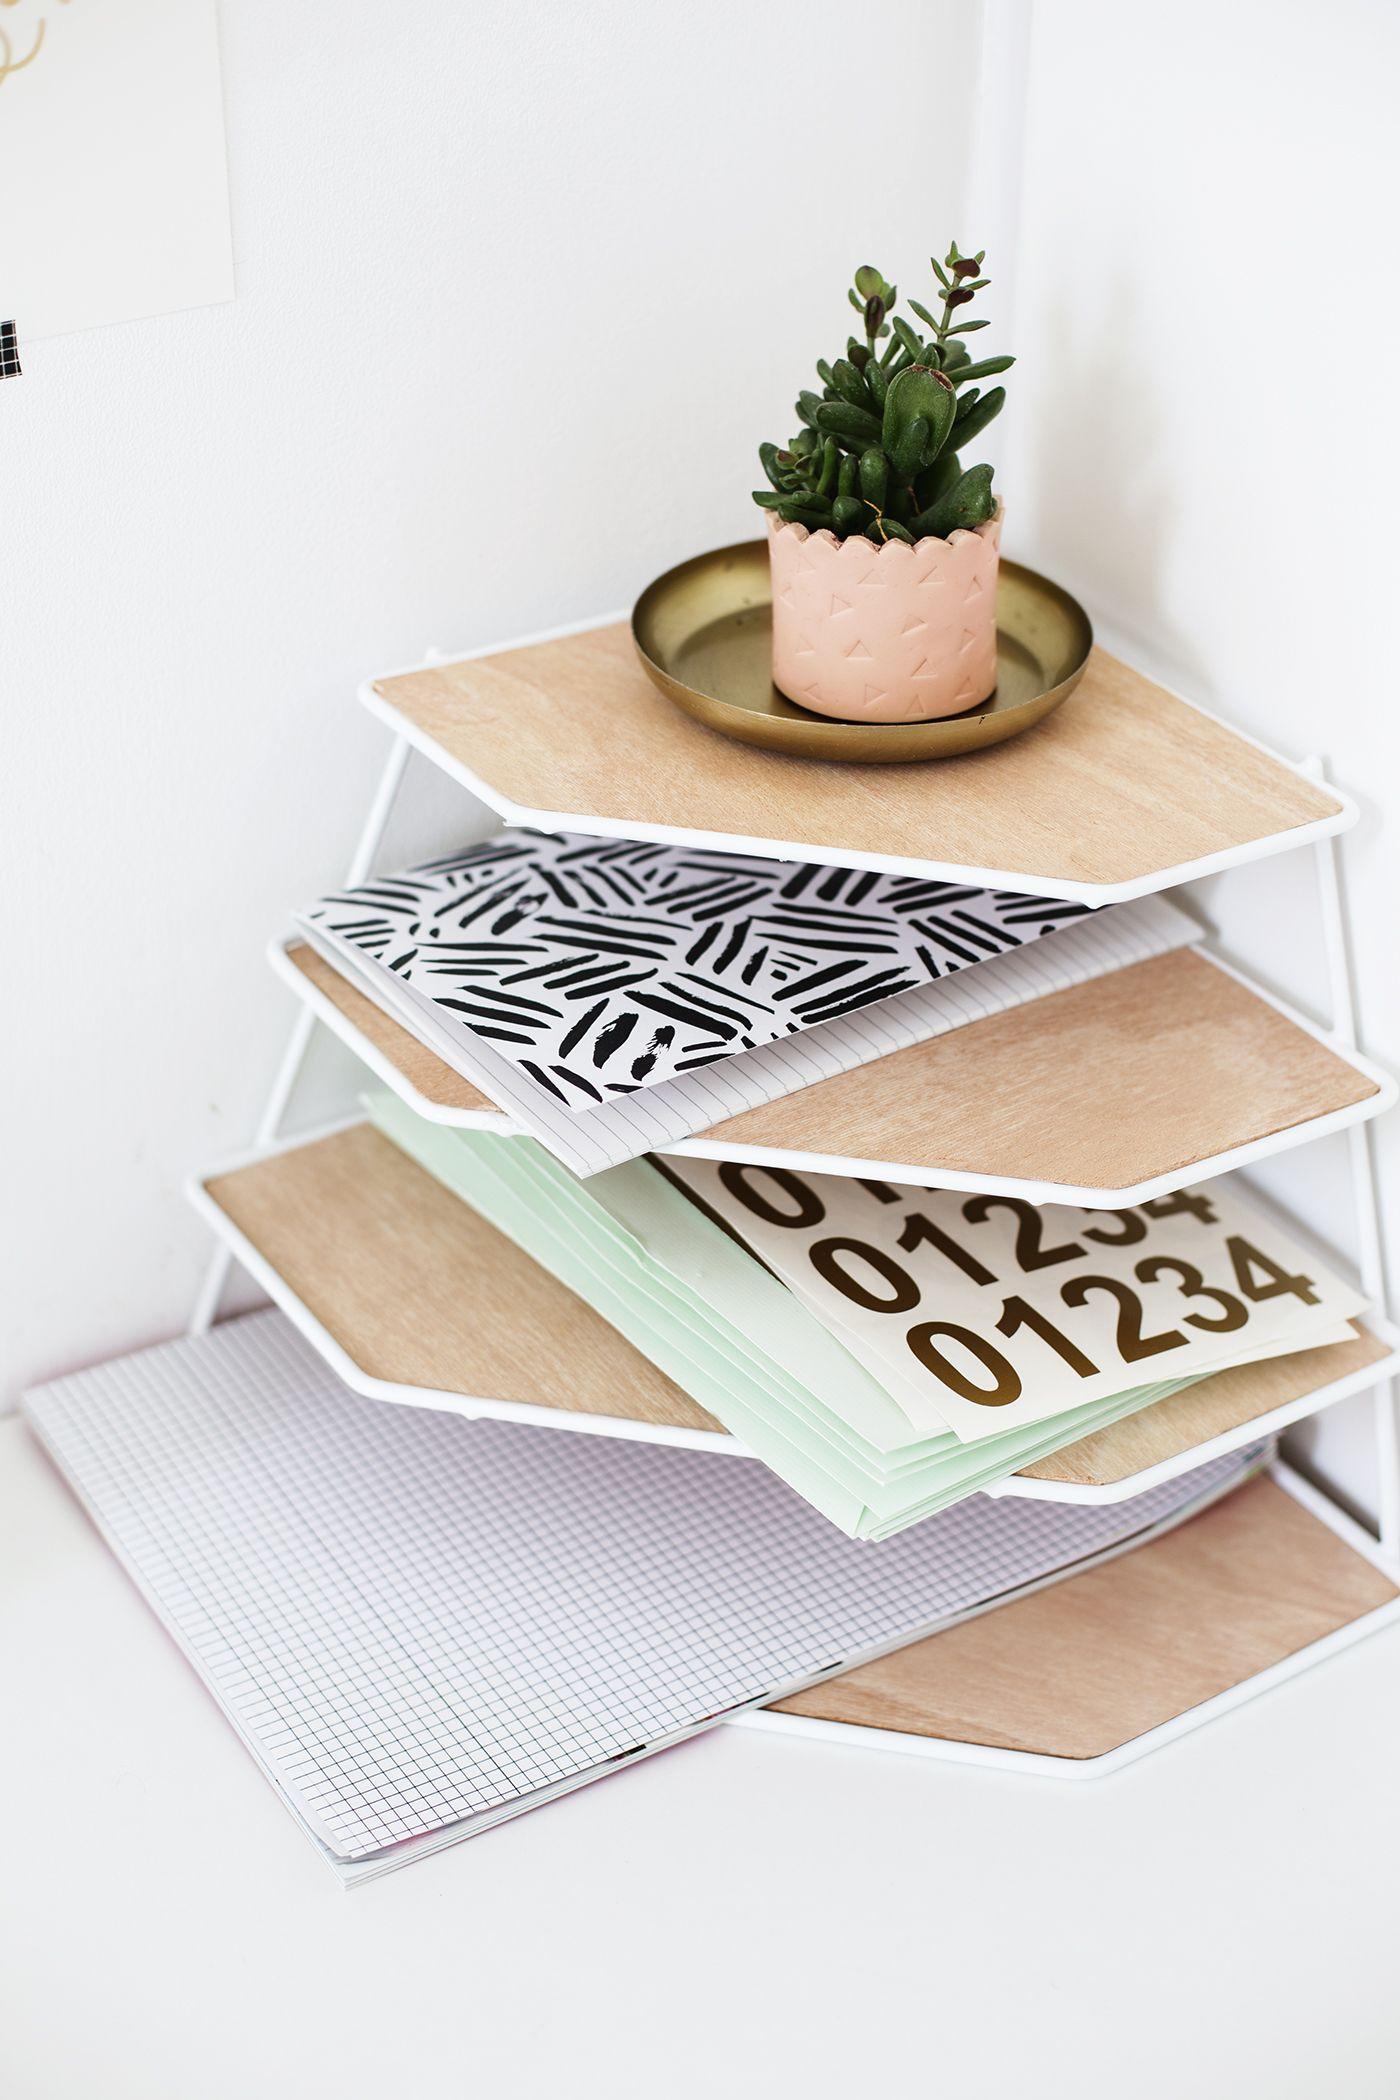 25 Clever Diy Organization Ideas Desk Organization Diy Desk